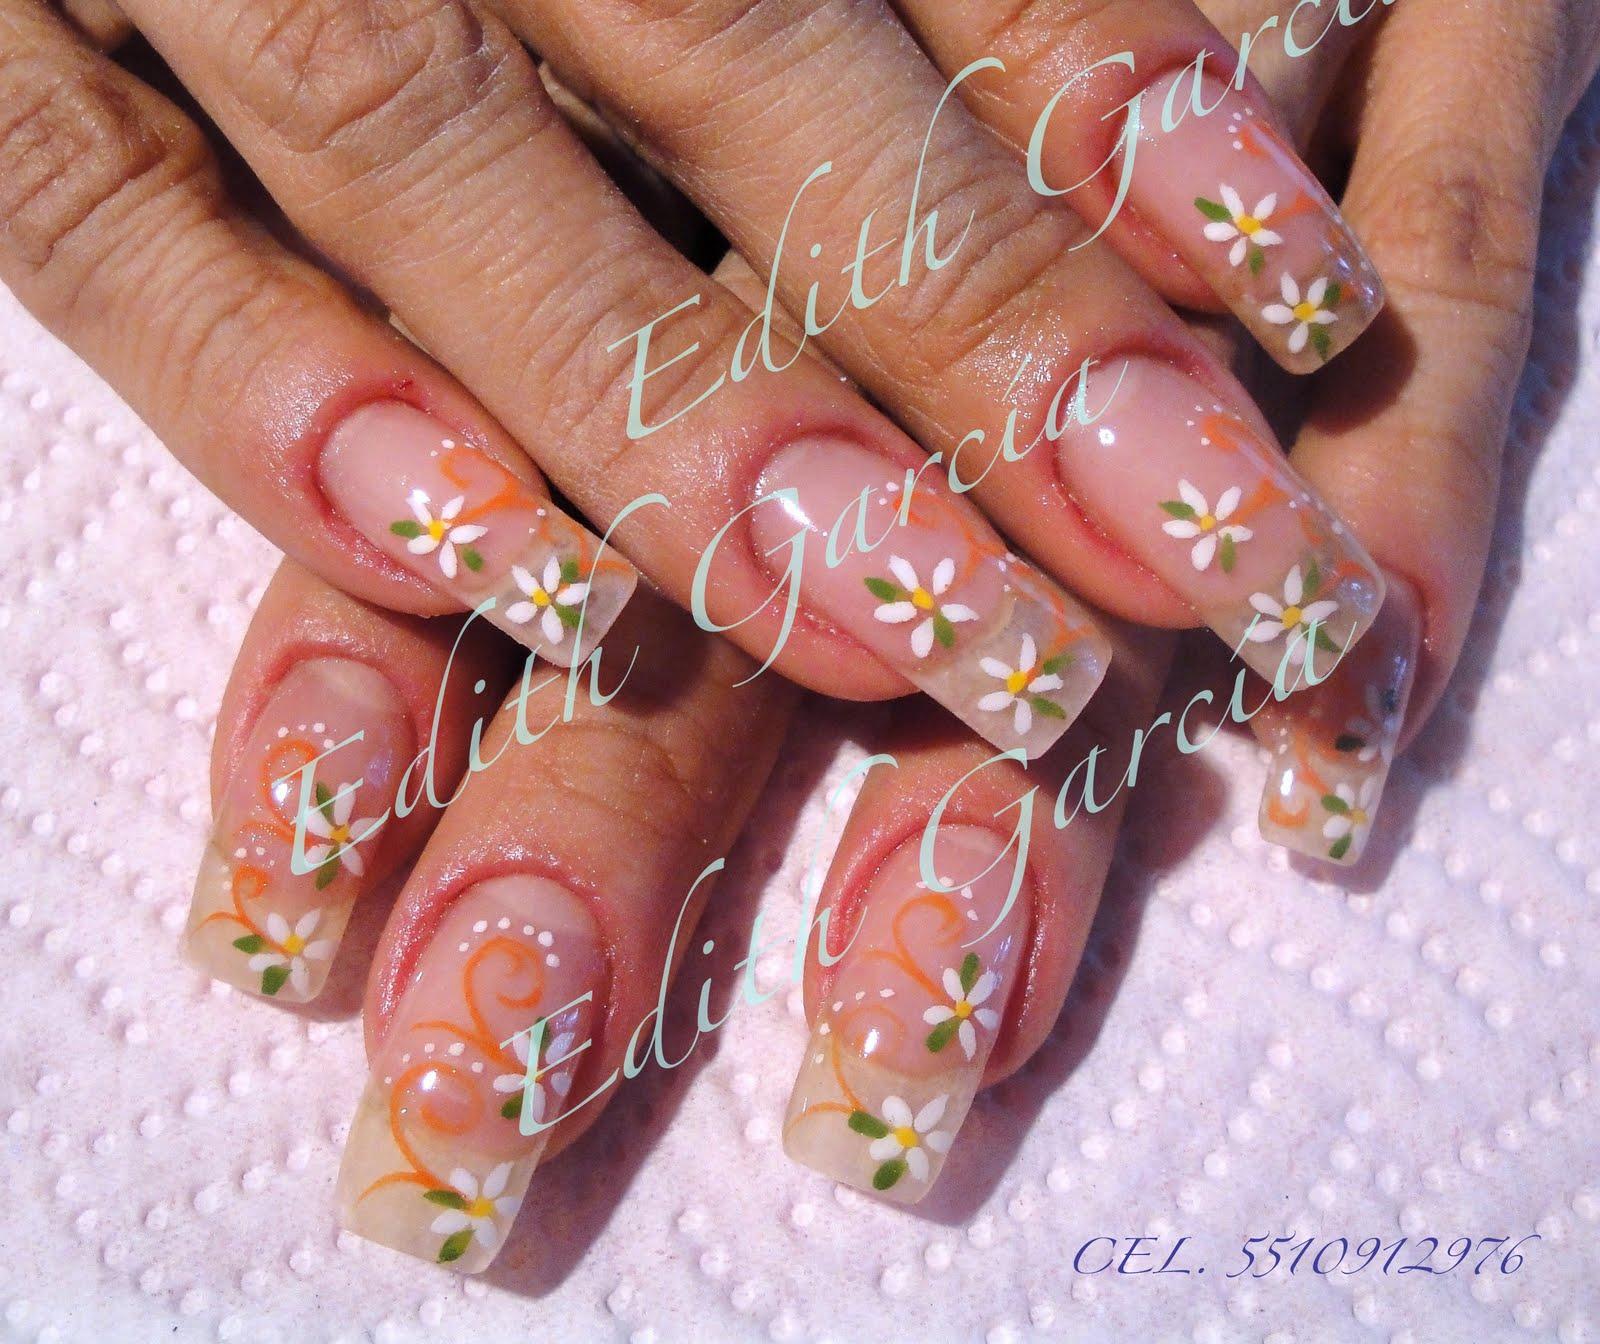 Galeria De Diseños Uñas Bellas: Septiembre 2010